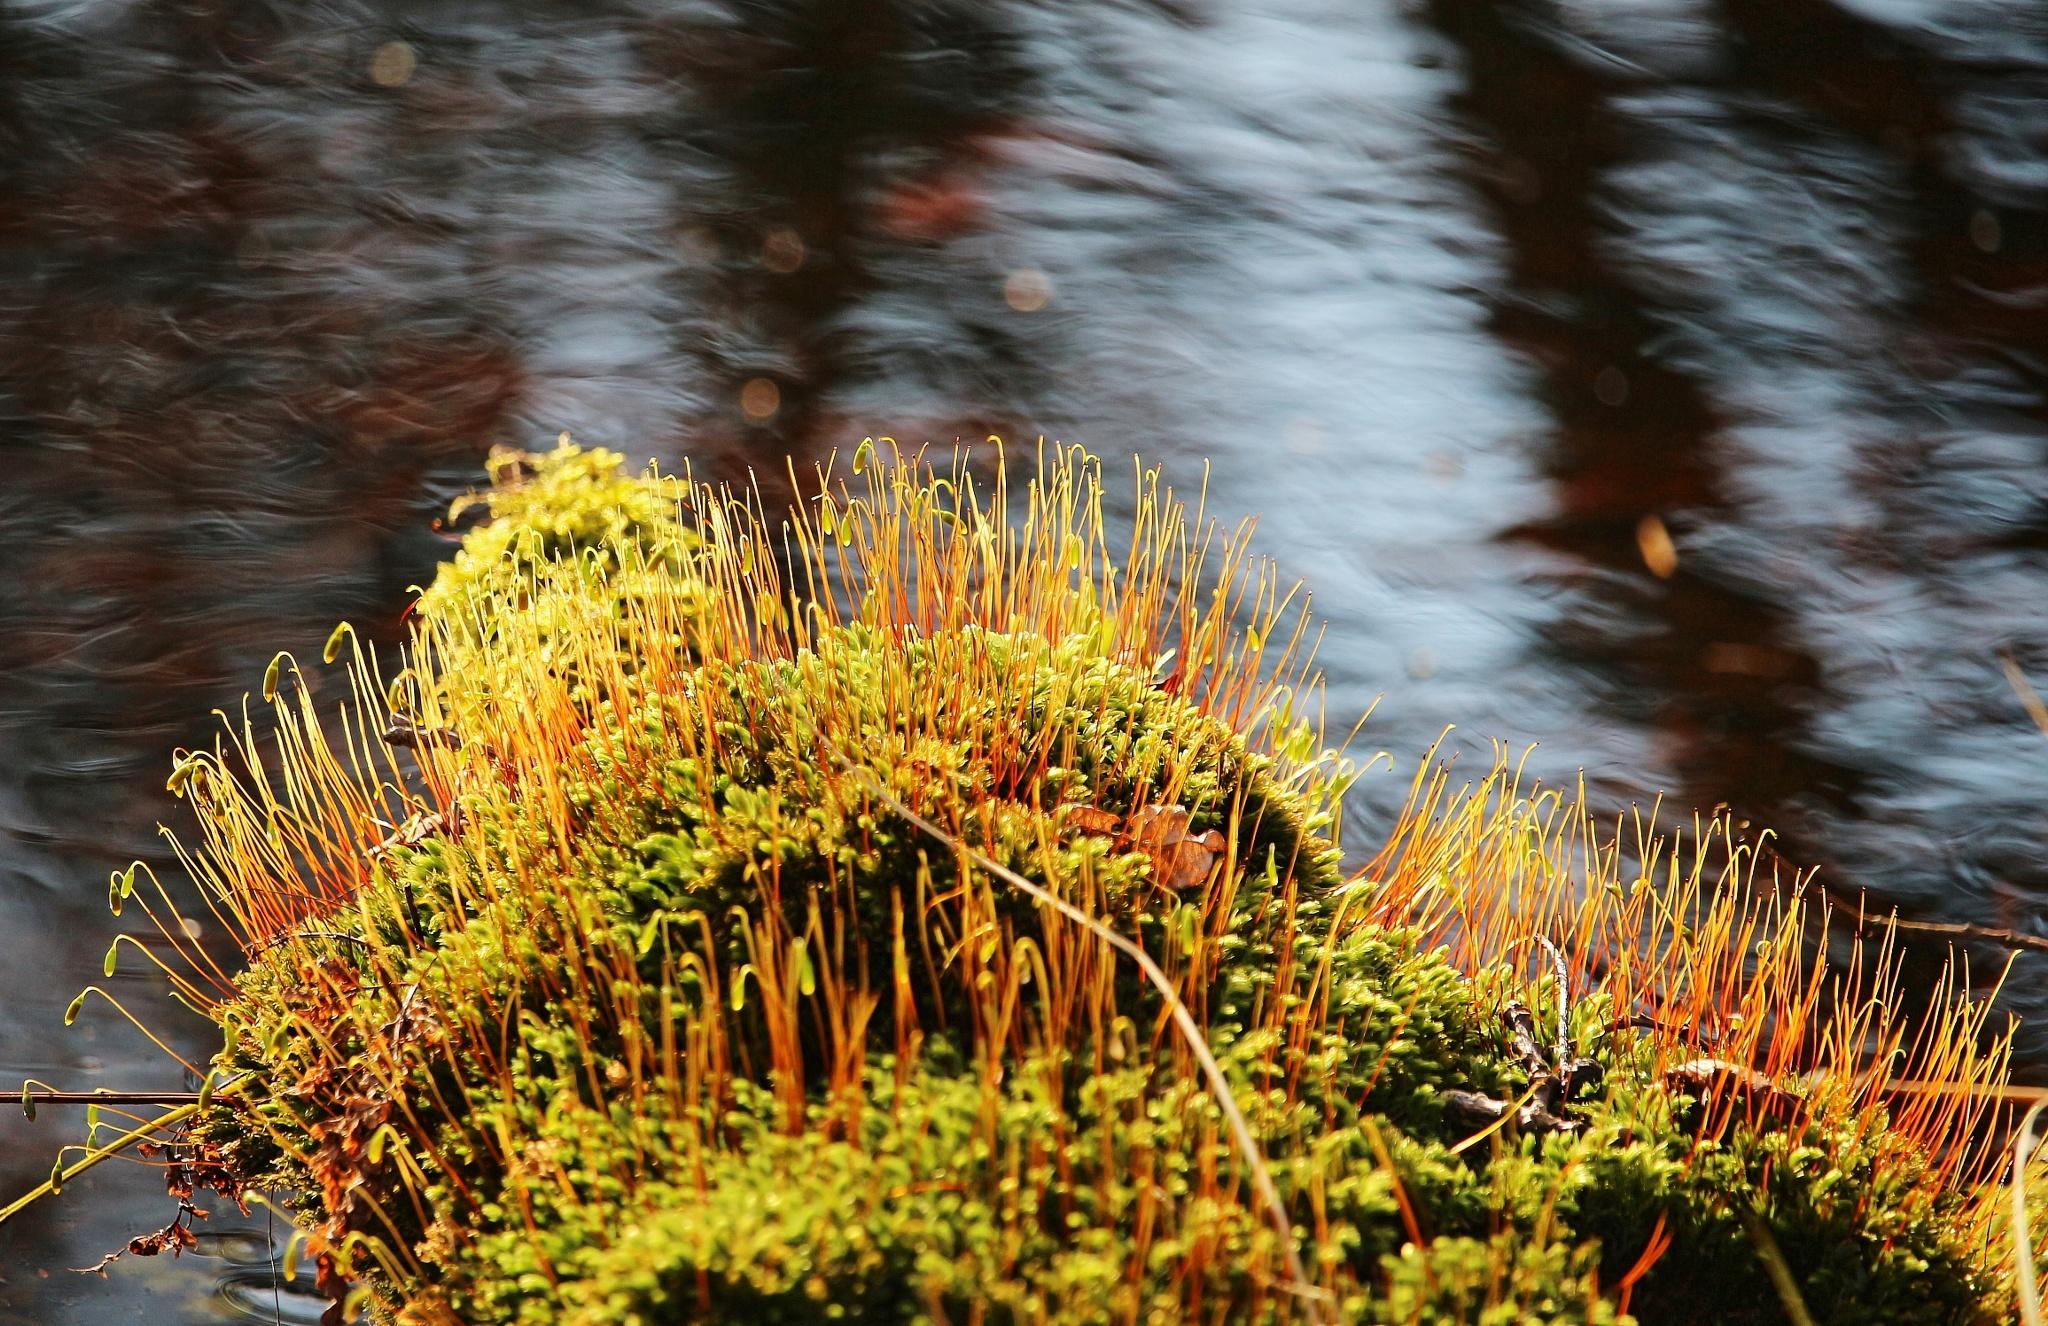 't zonnetje scheen zo mooi op het mos by Evie Tinnevelt